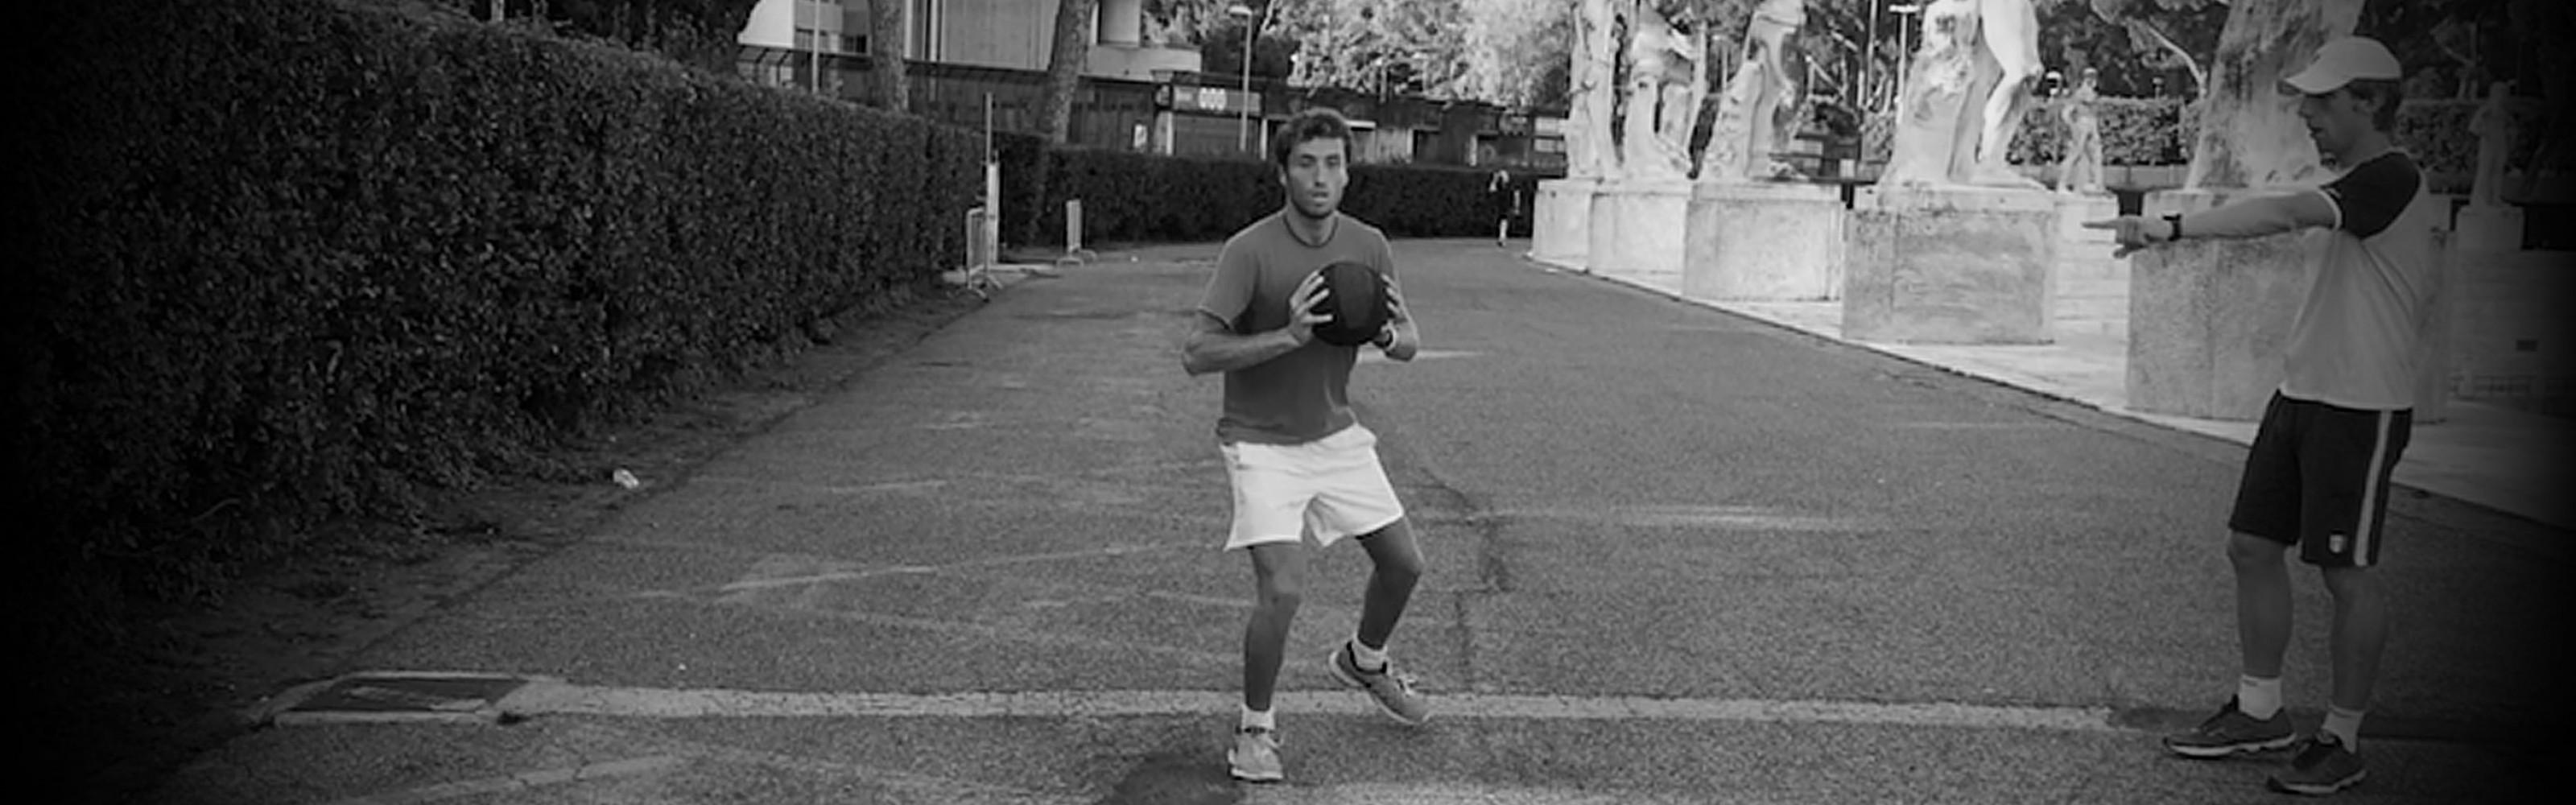 Preparazione atletica tennis - Lorenzo Falco